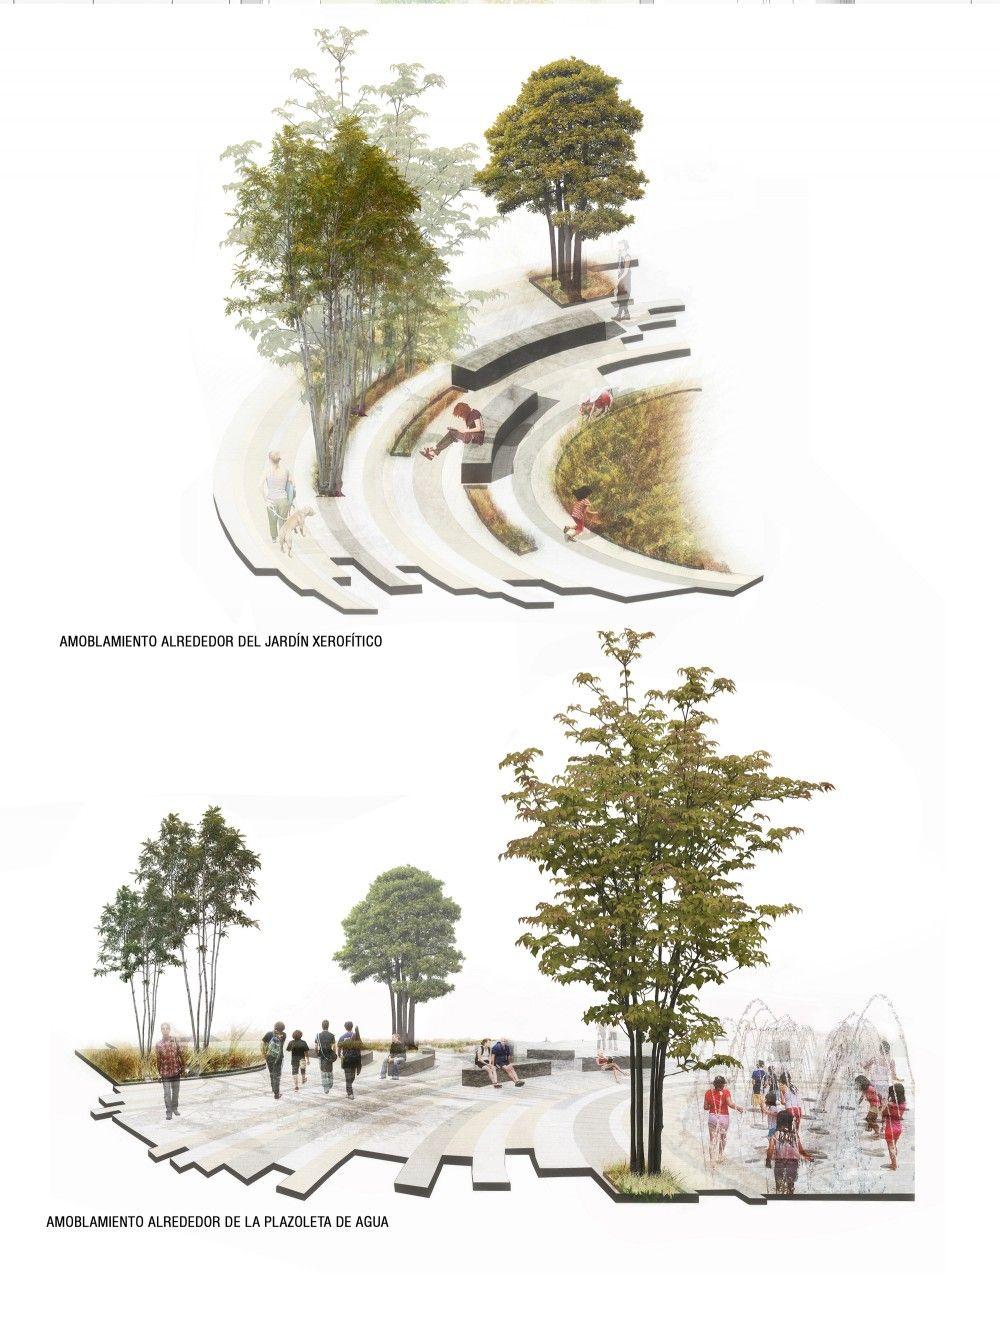 Galeria De Segundo Lugar En Concurso Nacional Uva Orfelinato Medellin Colombia 8 Planos De Paisajes Dibujo De Arquitectura Arquitectura De Paisaje